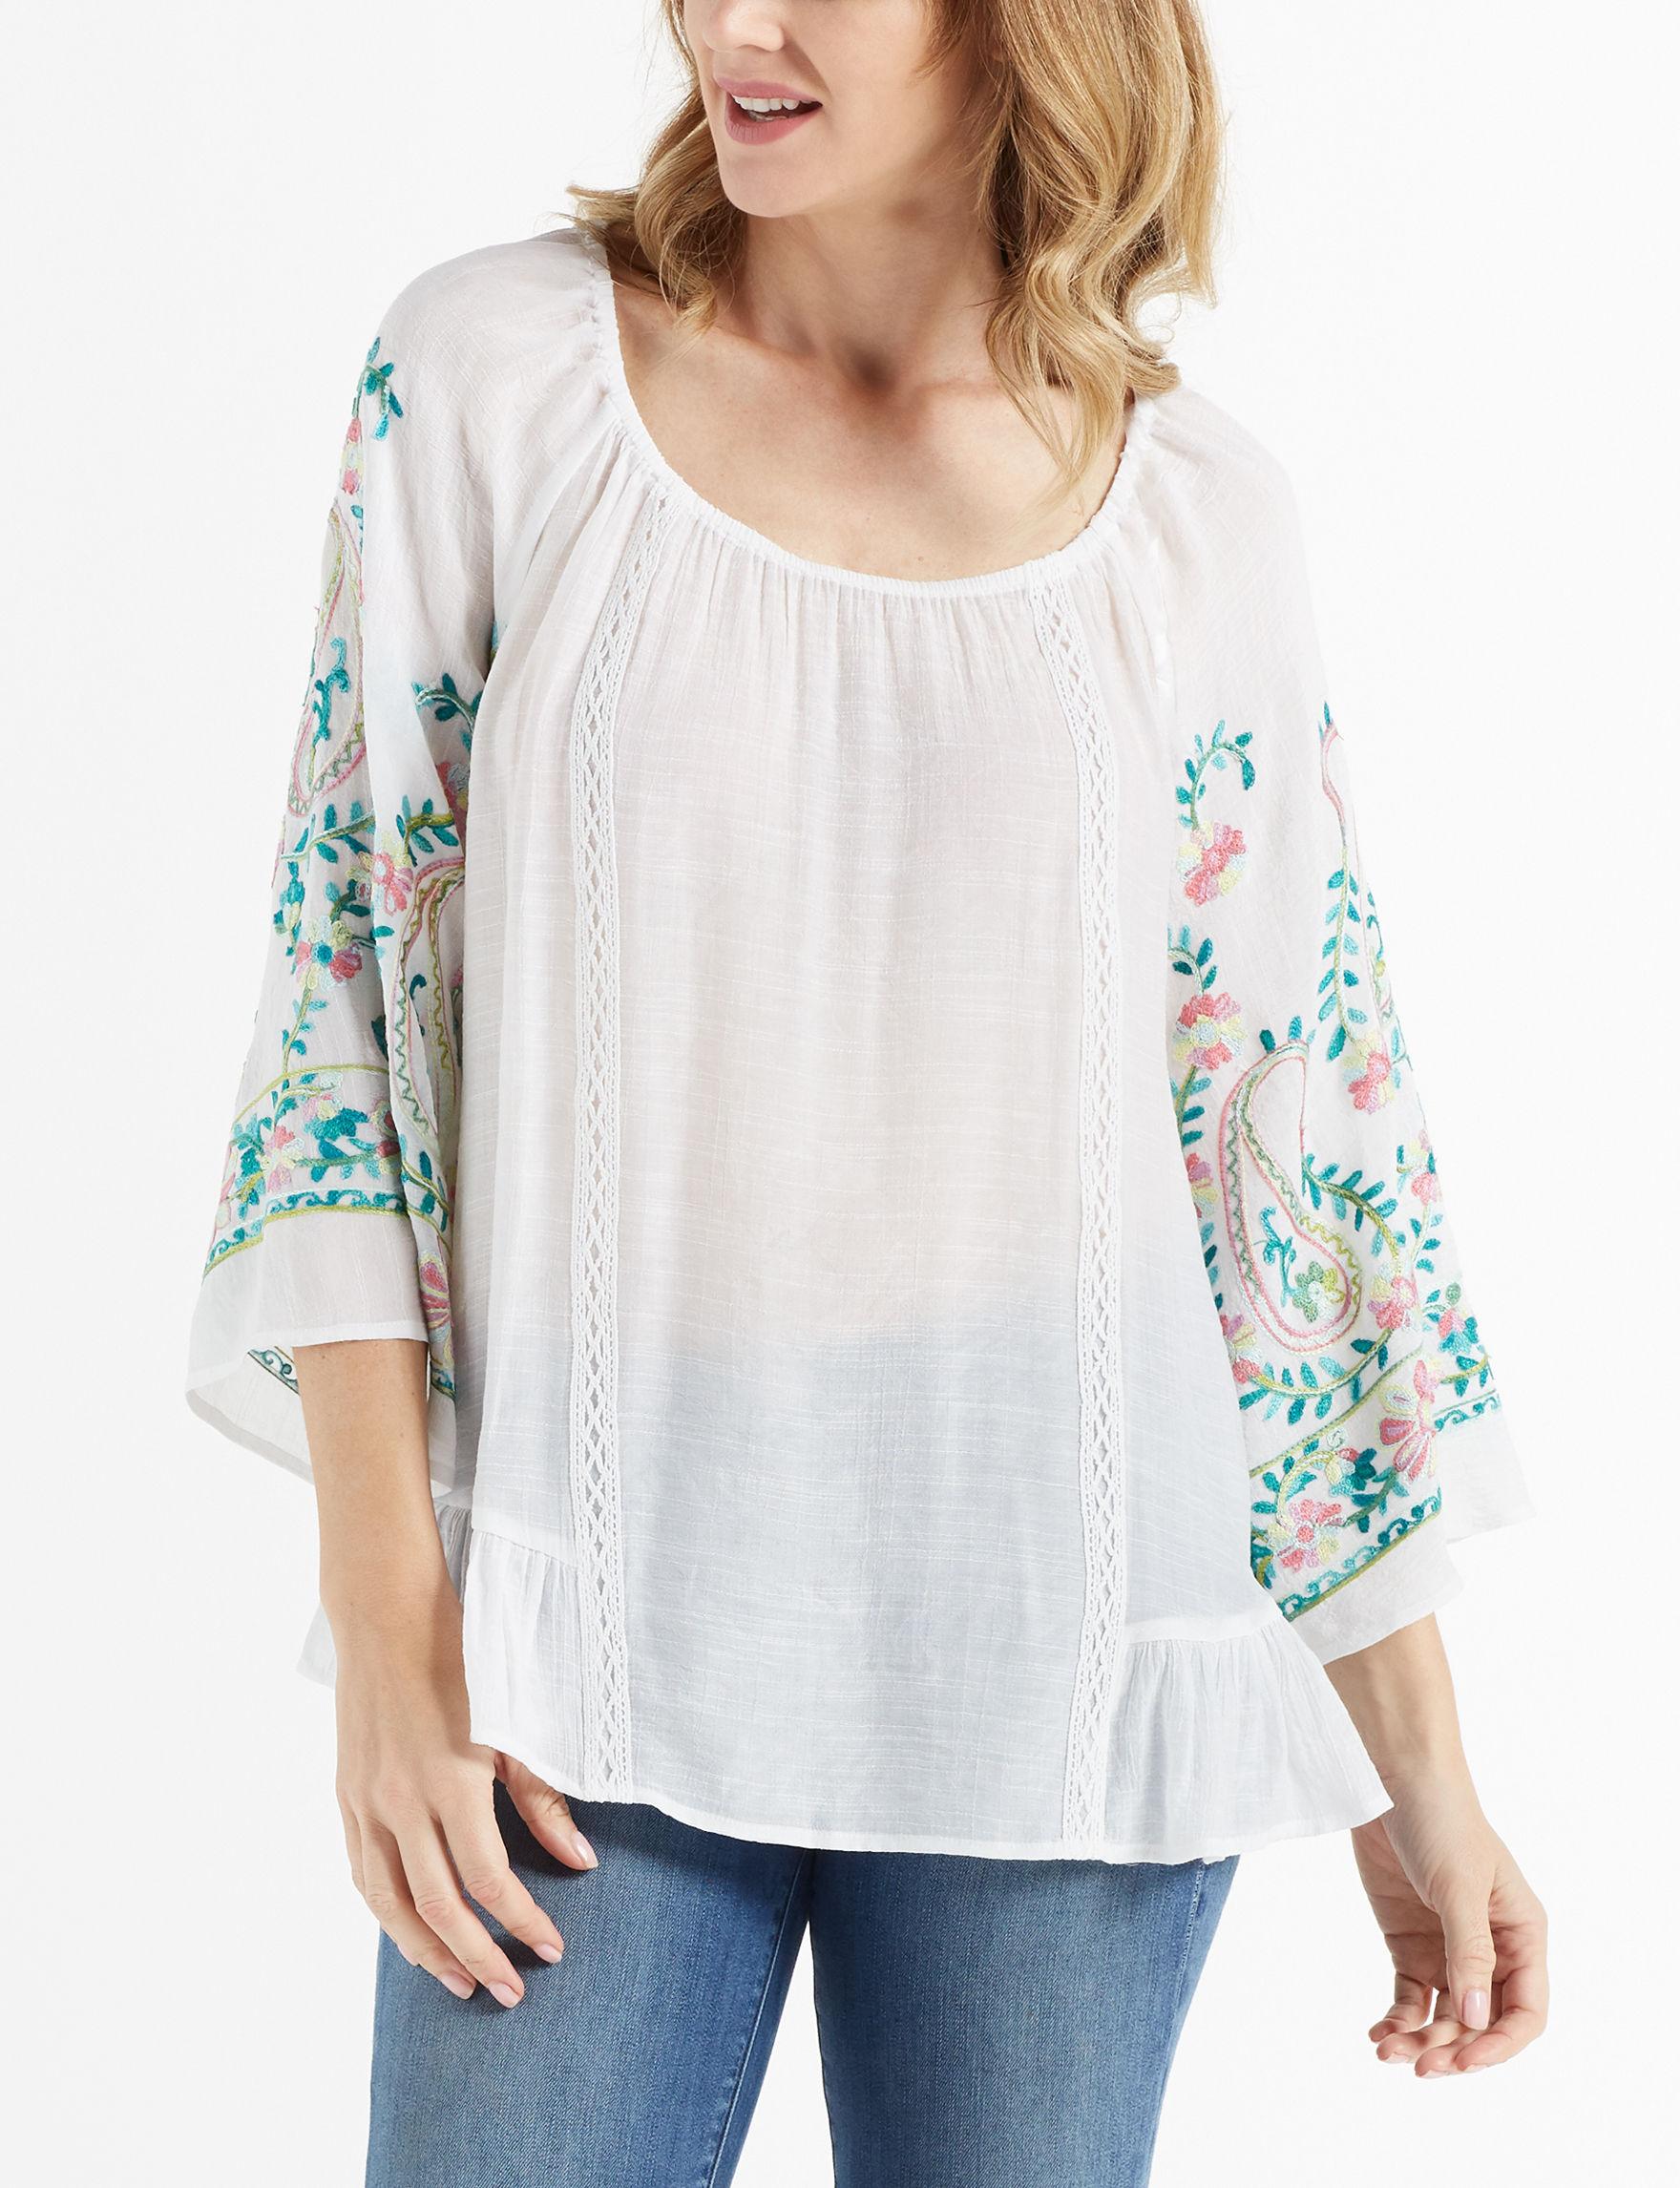 Zac & Rachel White Shirts & Blouses